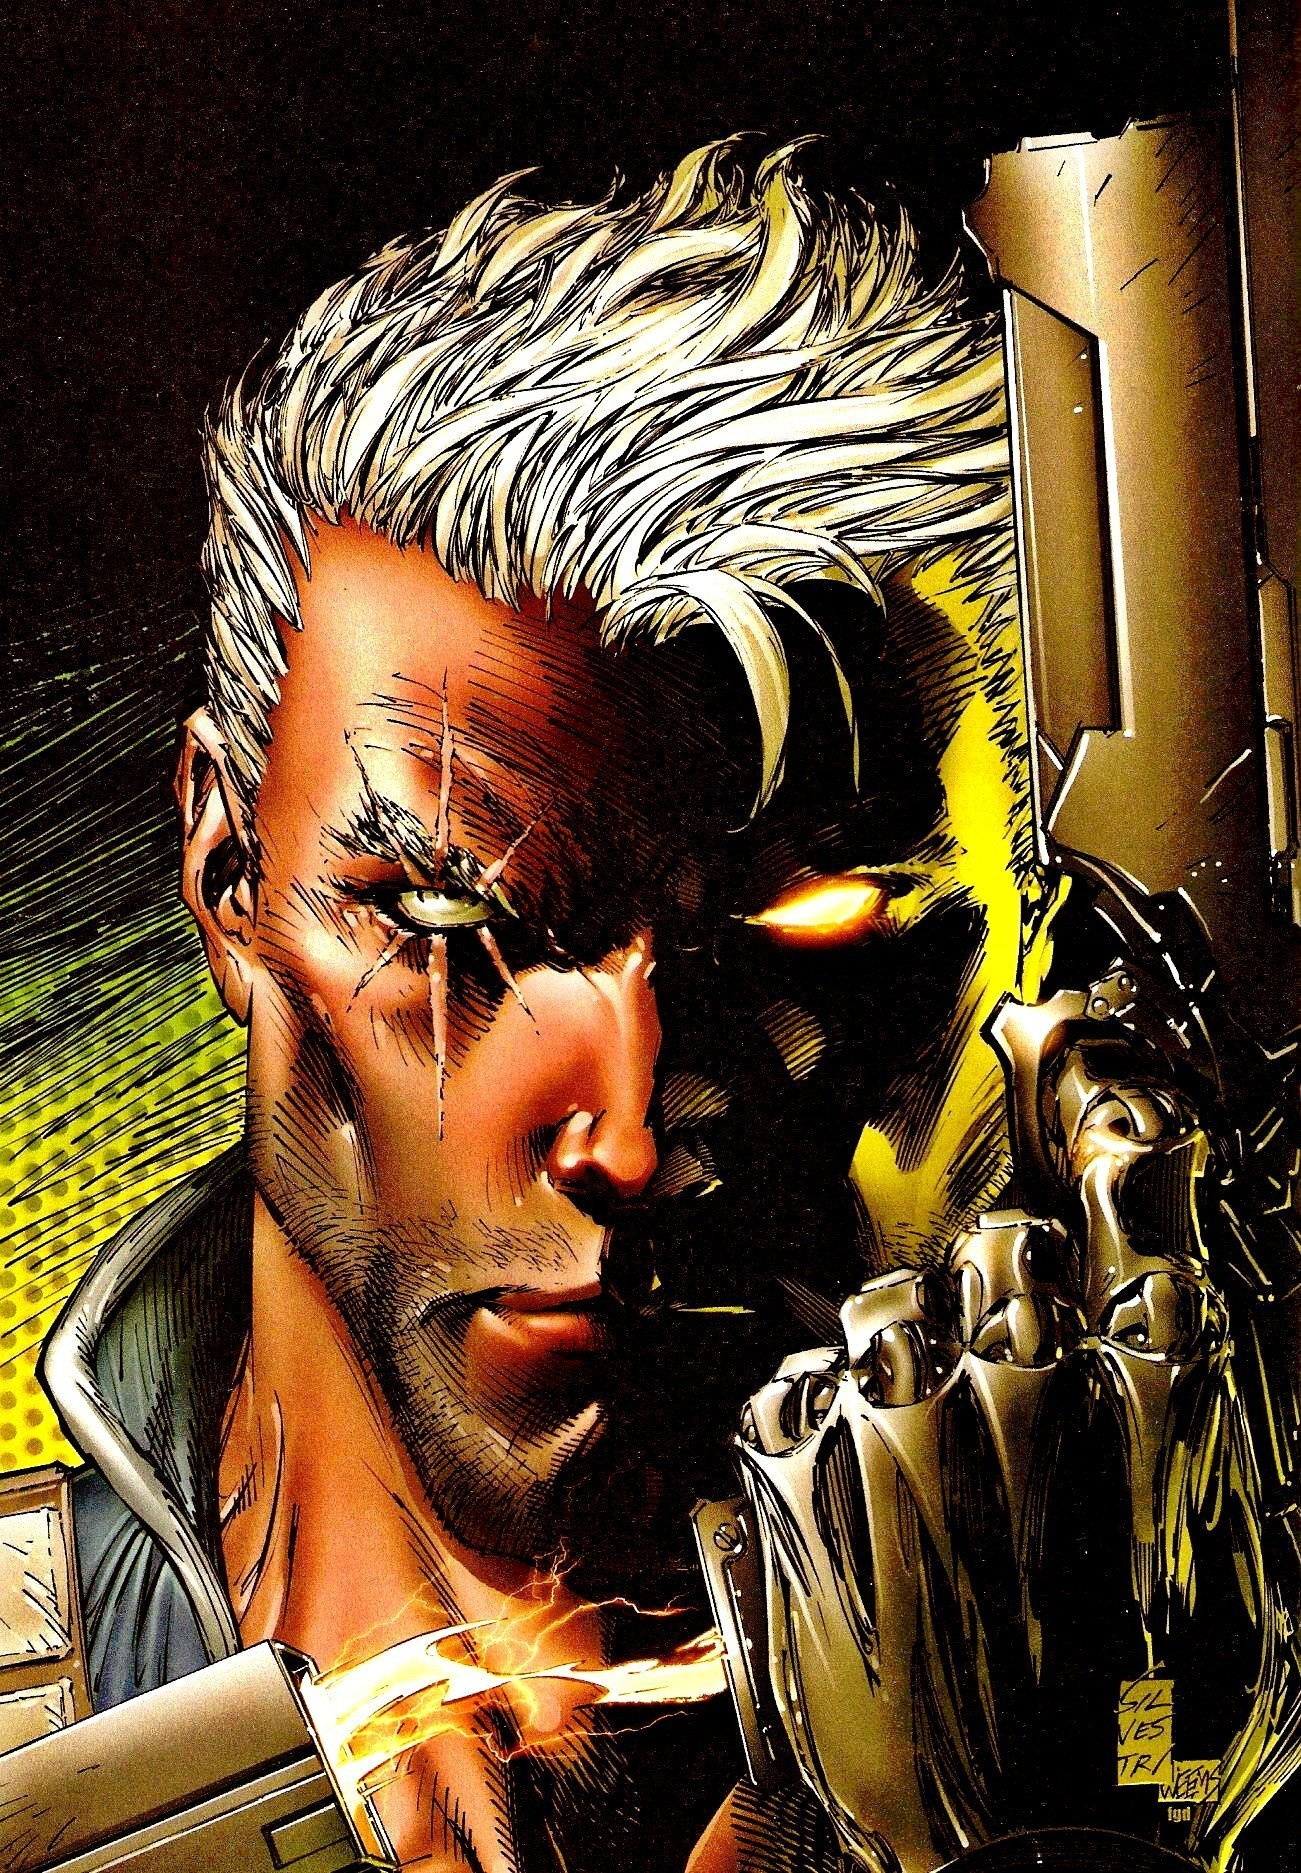 Image du visage du X-Men Cable, personnage de Marvel Comics